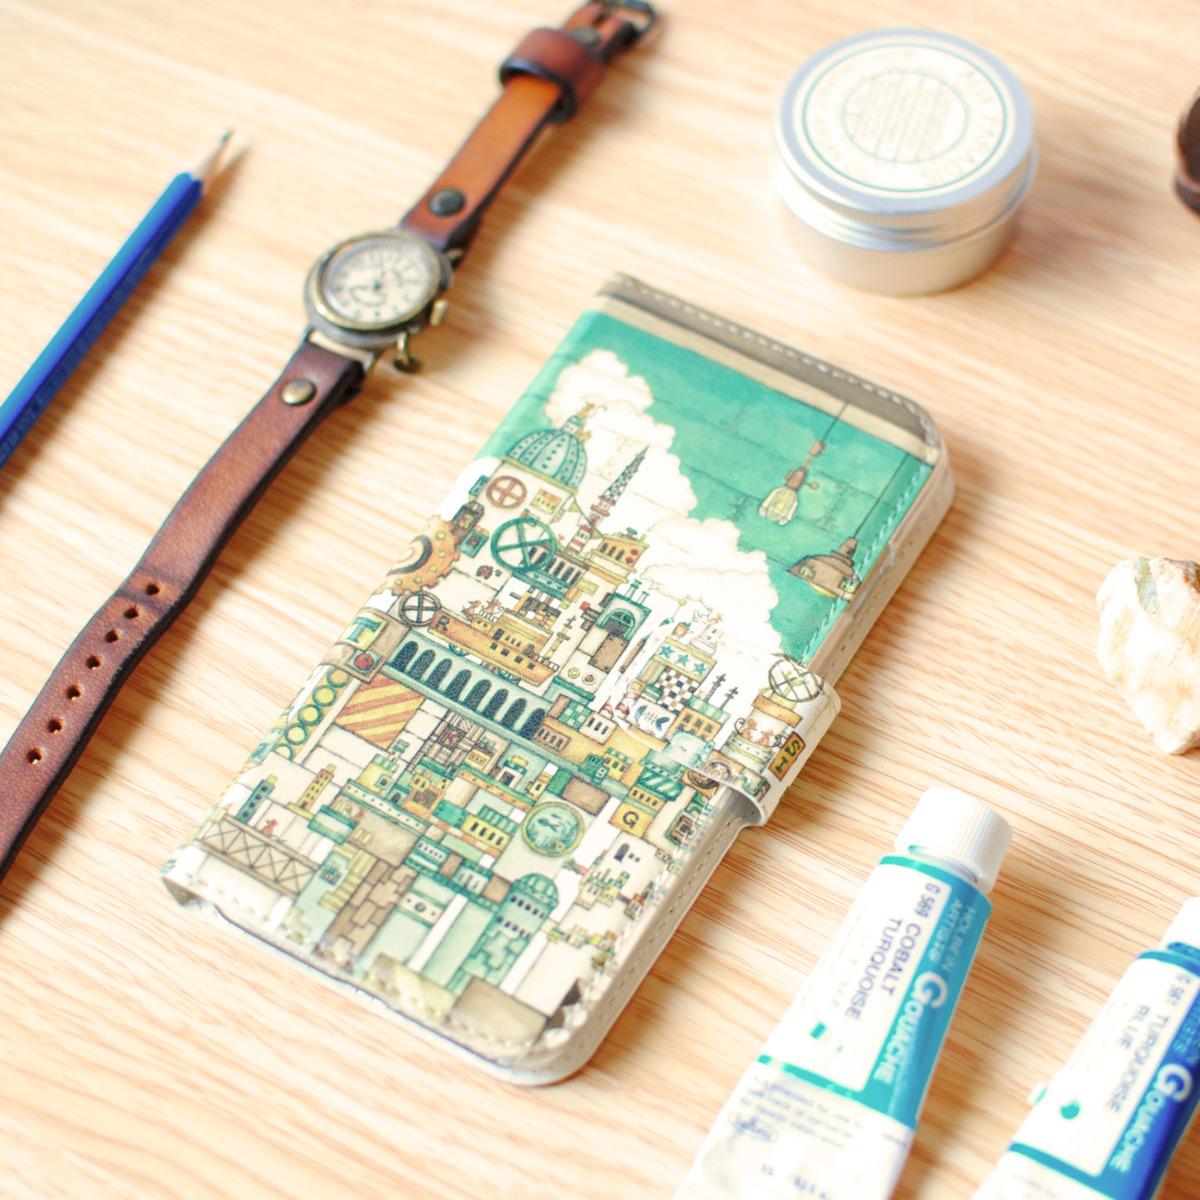 iPhoneSE/6s/7/8/X/Xs 手帳型iPhoneケース「ネズミの王国」【内側デザイン可!】